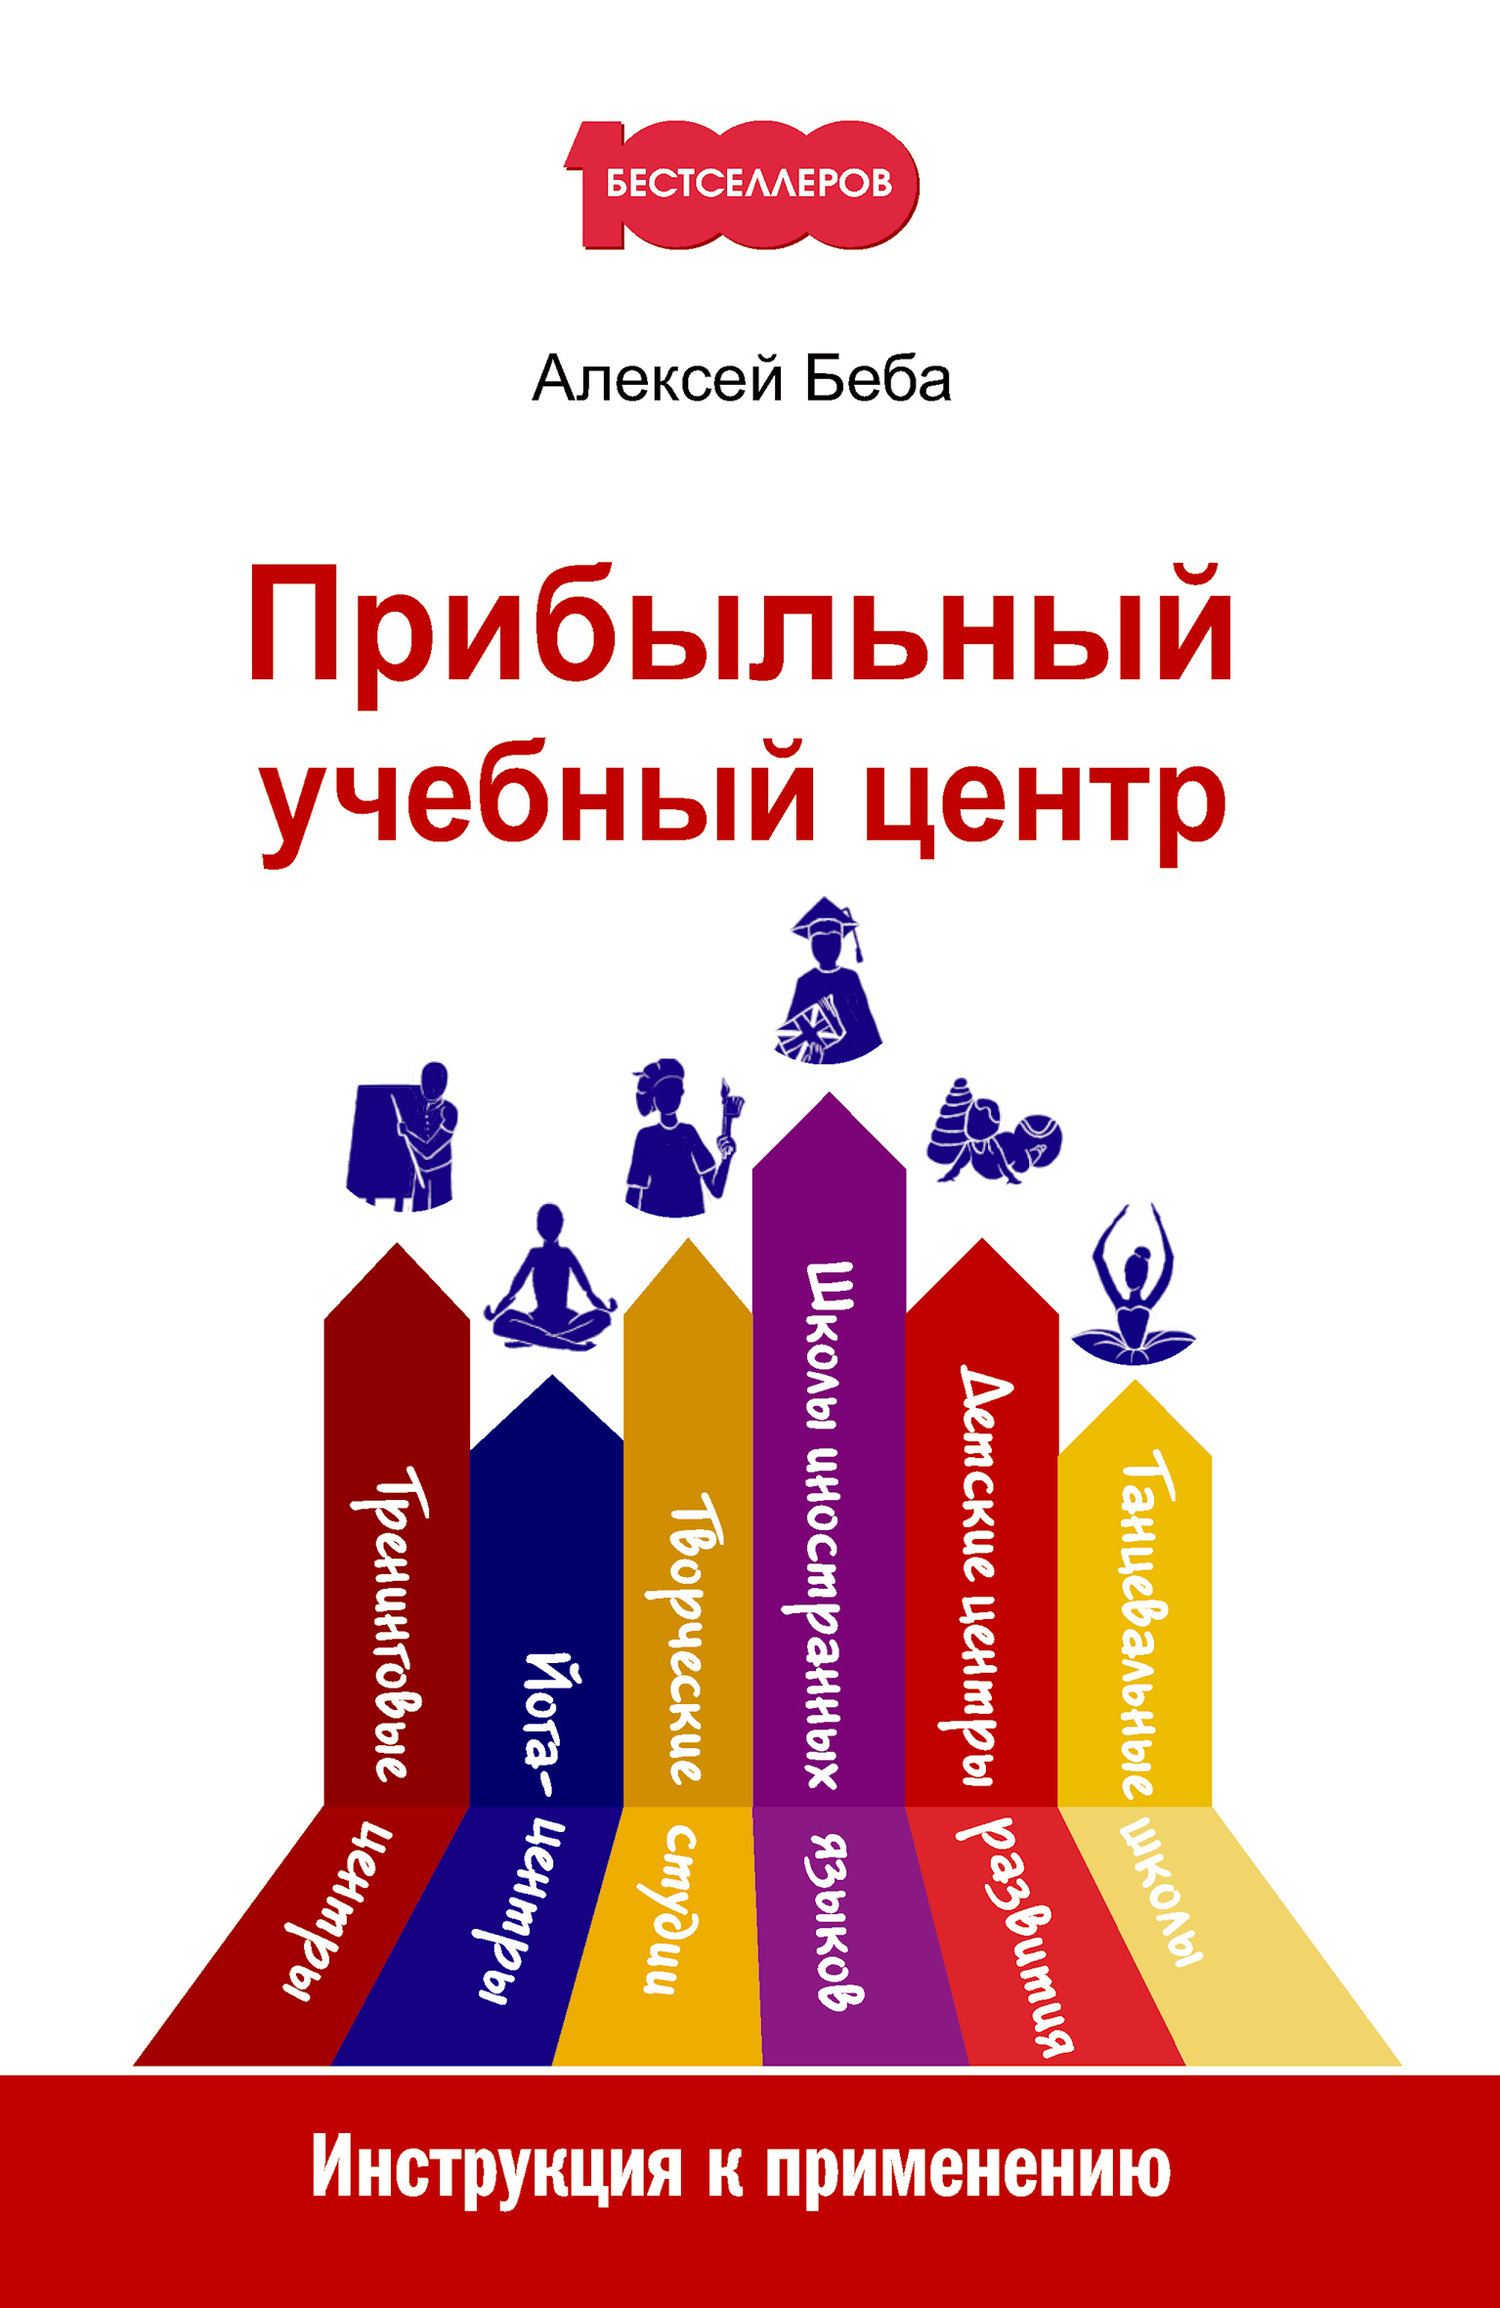 Обложка книги Прибыльный учебный центр. Инструкция к применению